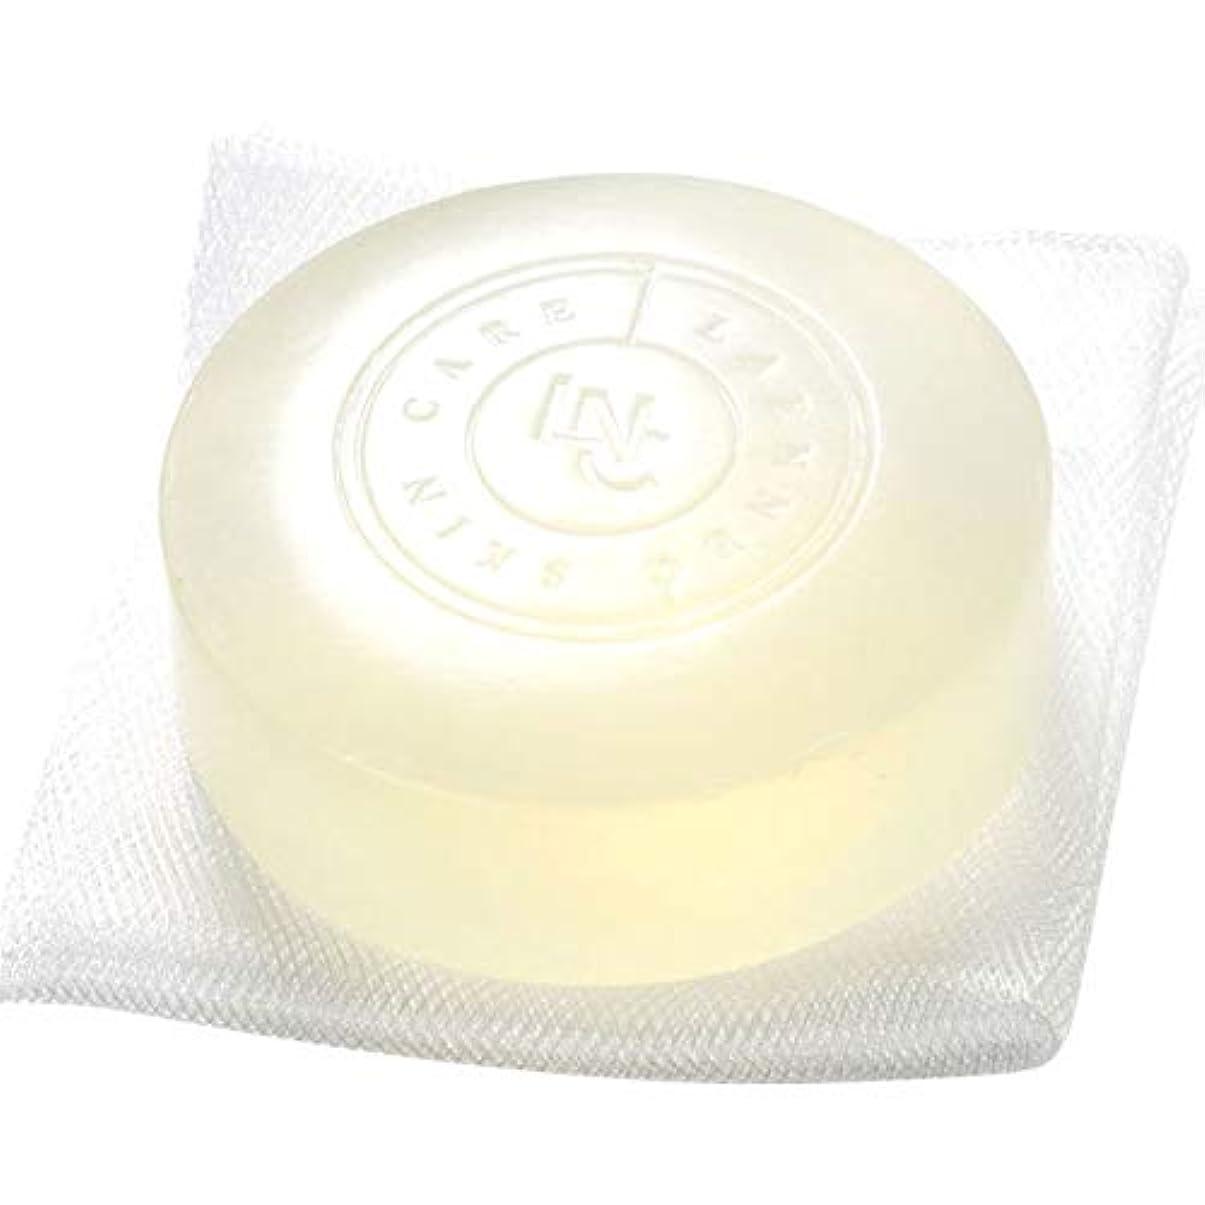 一元化するパーク行進日本生物製剤 LNCソープ ふつう 100g